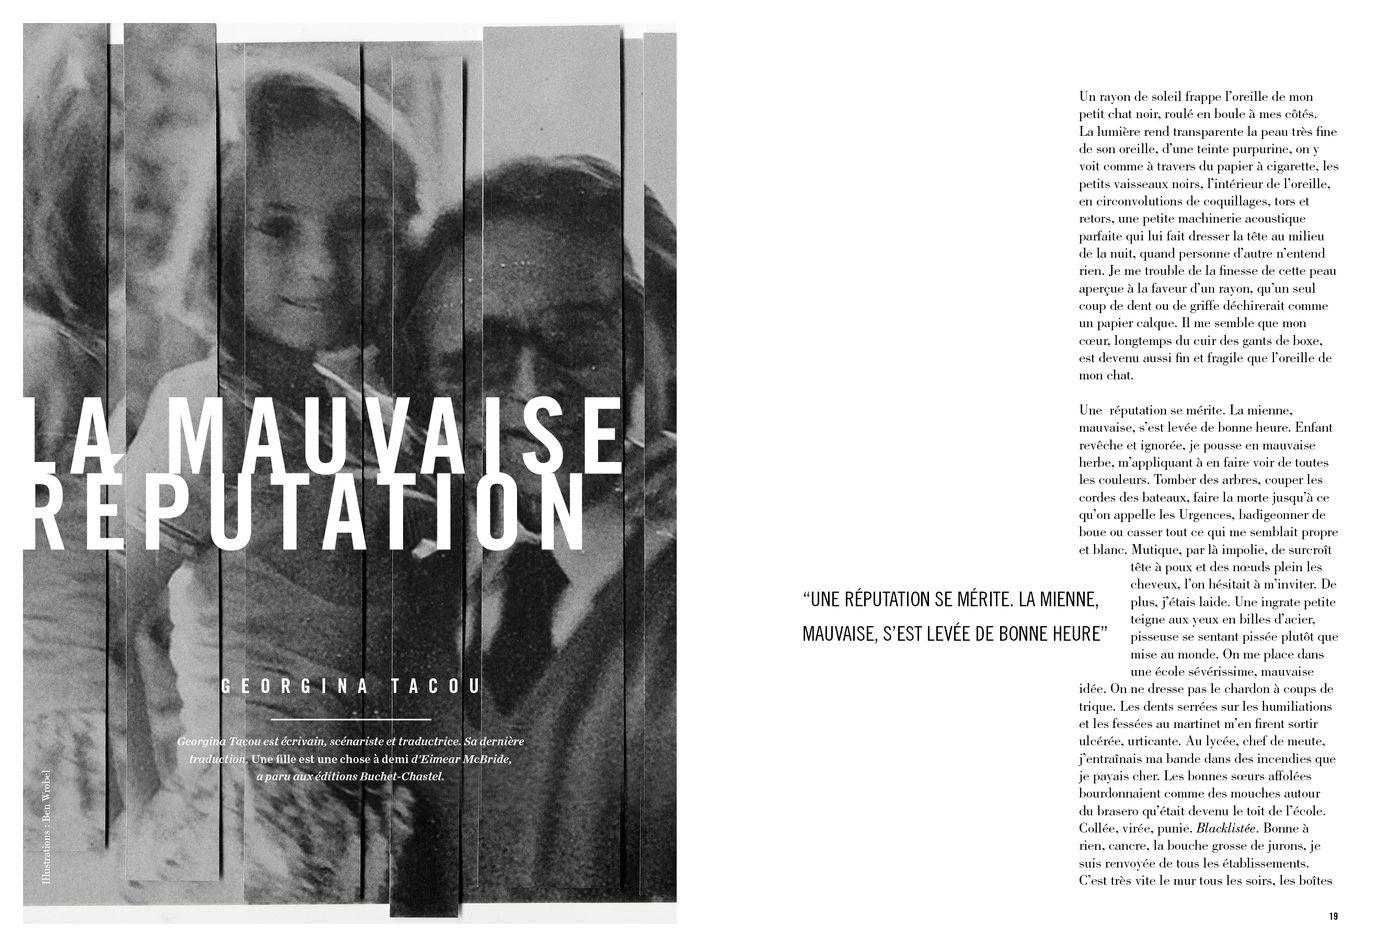 Possession Immédiate Volume 5 - Texte de Georgina Tacou, La Mauvaise réputation